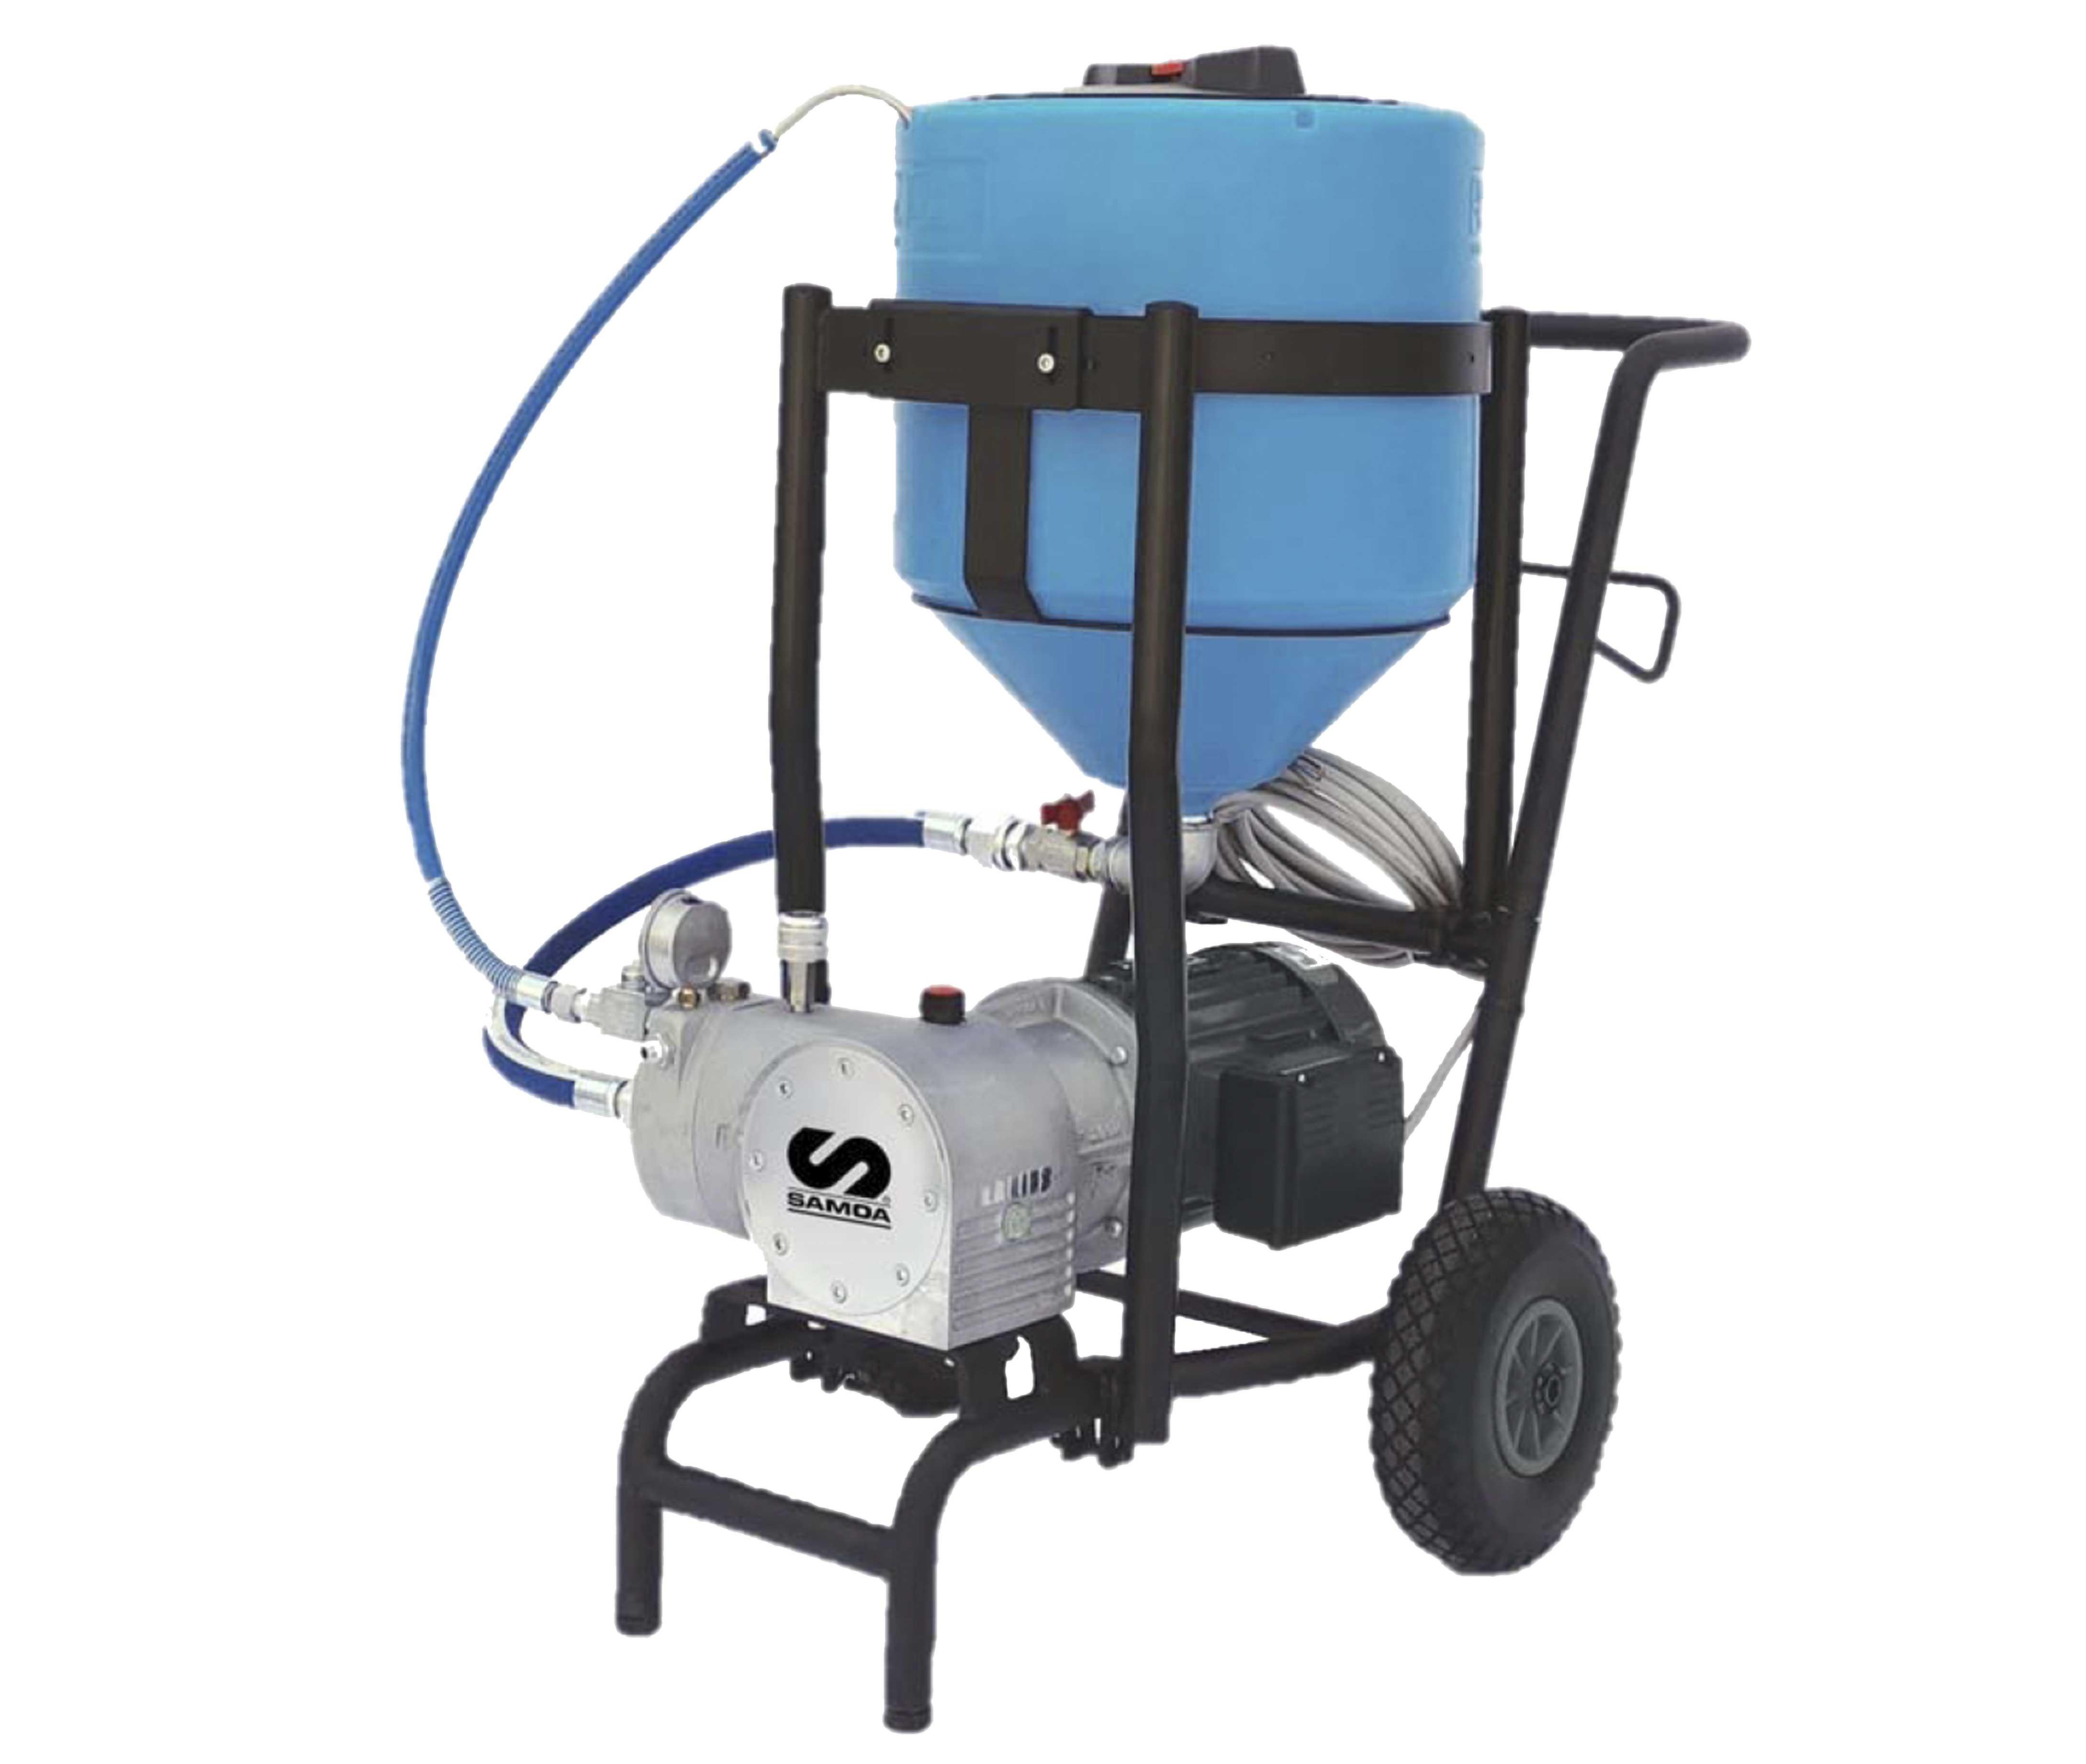 Equipo para la pulverización de desinfectante